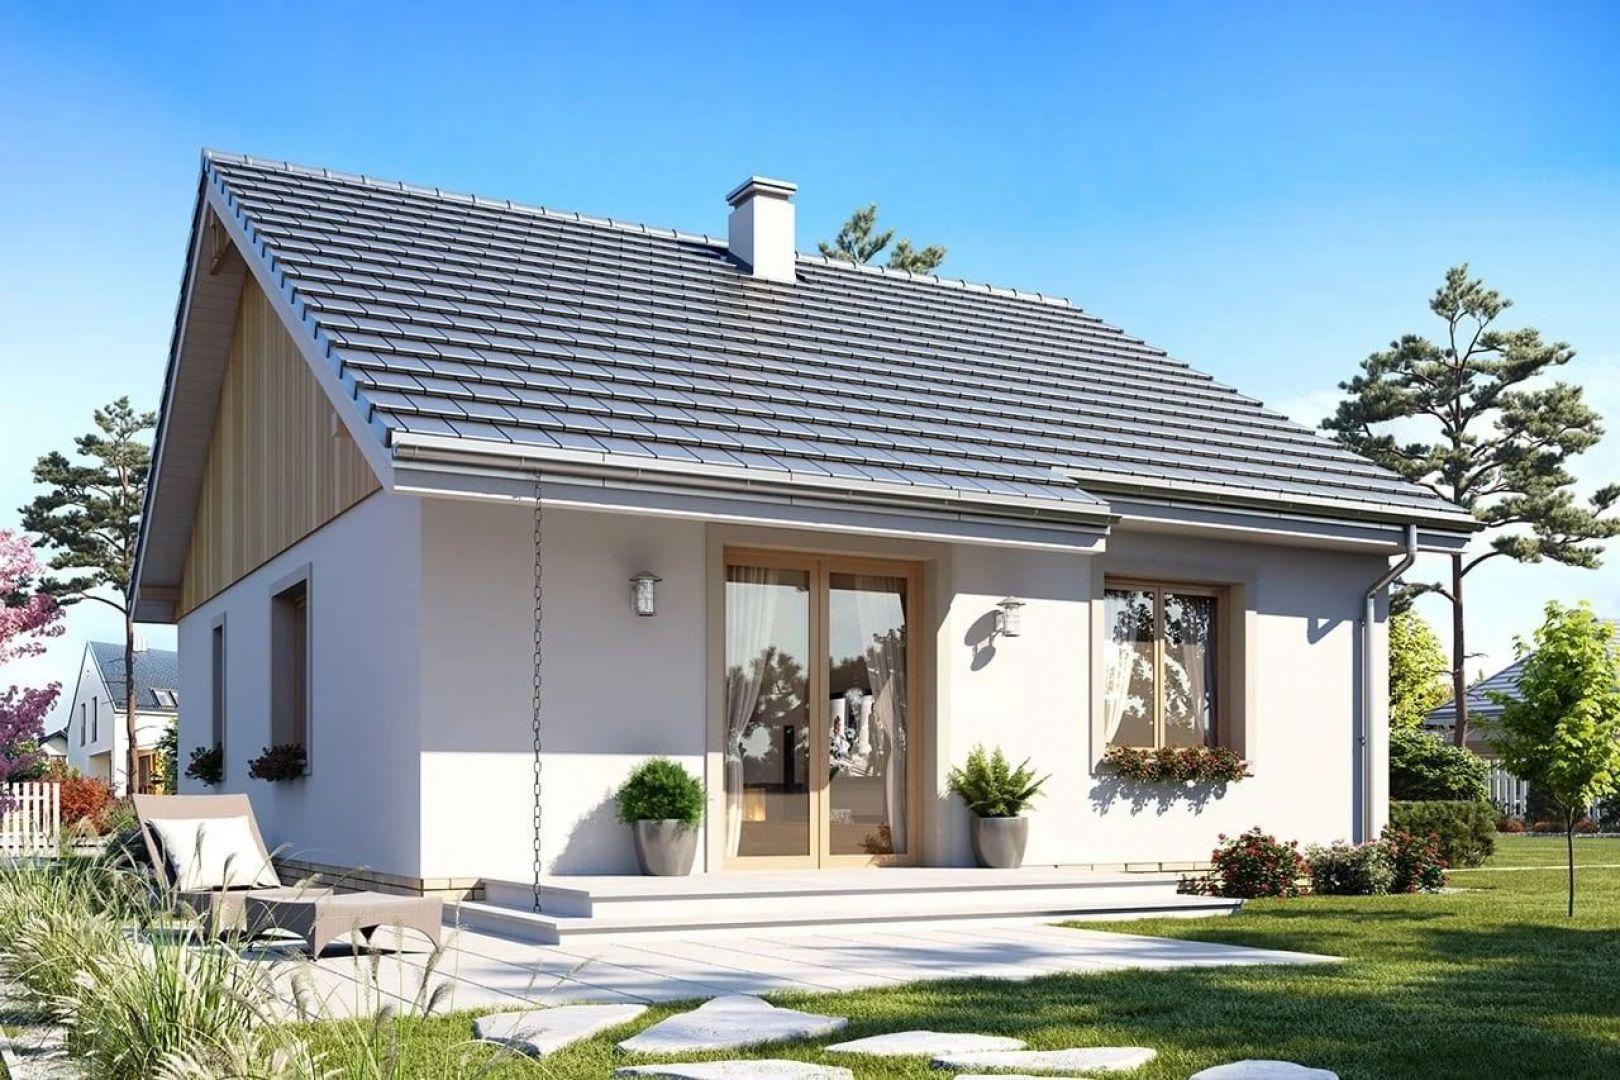 Dom Zosia 4 - jego architektura jest bezpretensjonalna i przyjemna dla oka. Projekt: arch. Michał Gąsiorowski. Fot. MG Projekt